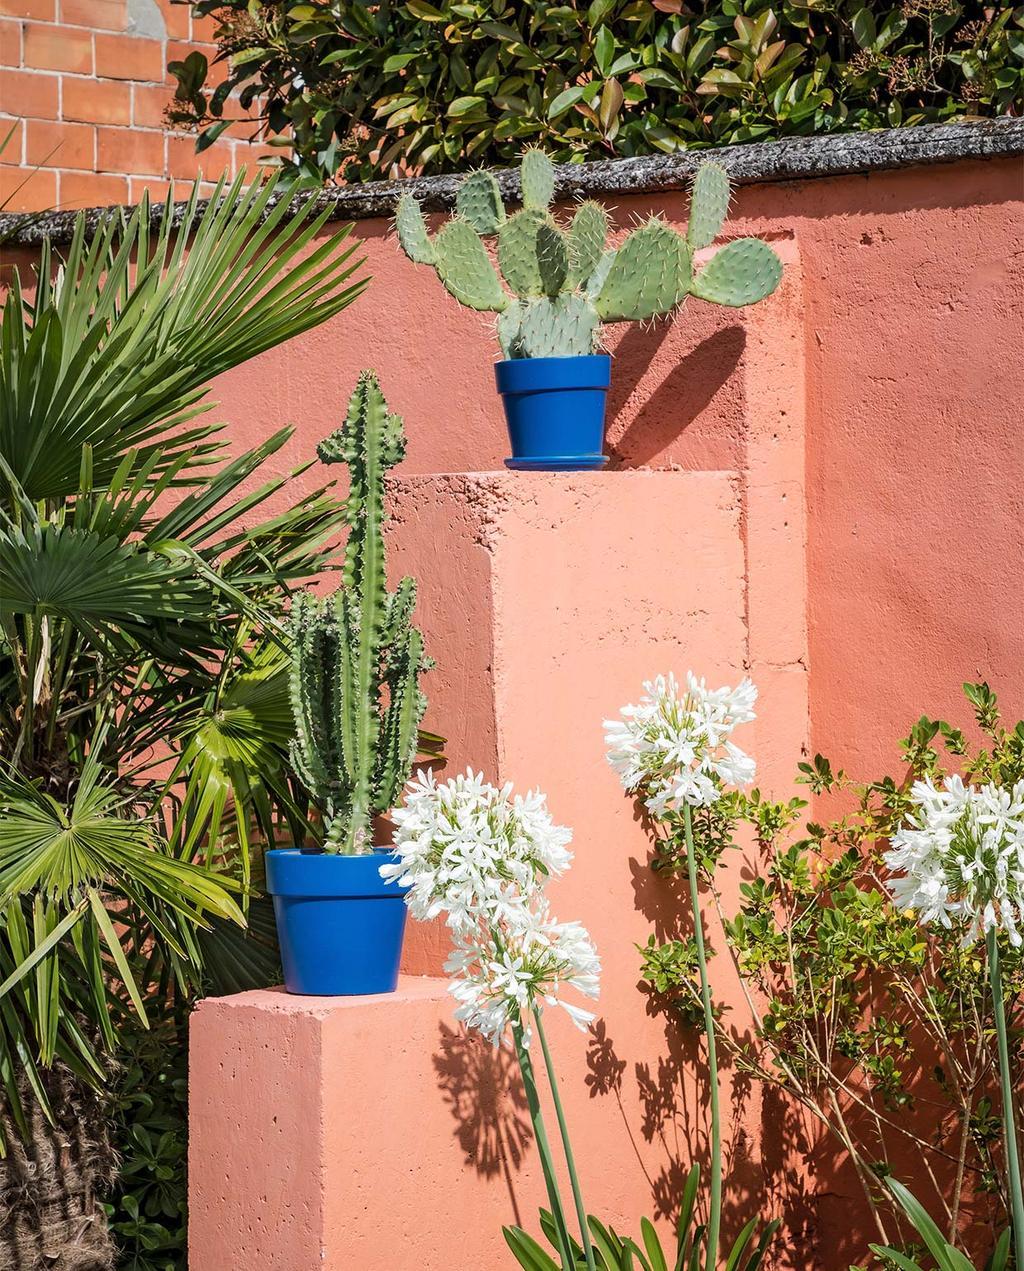 vtwonen special zomerhuizen 07-2021 | blauwe bloempotten met cactussen